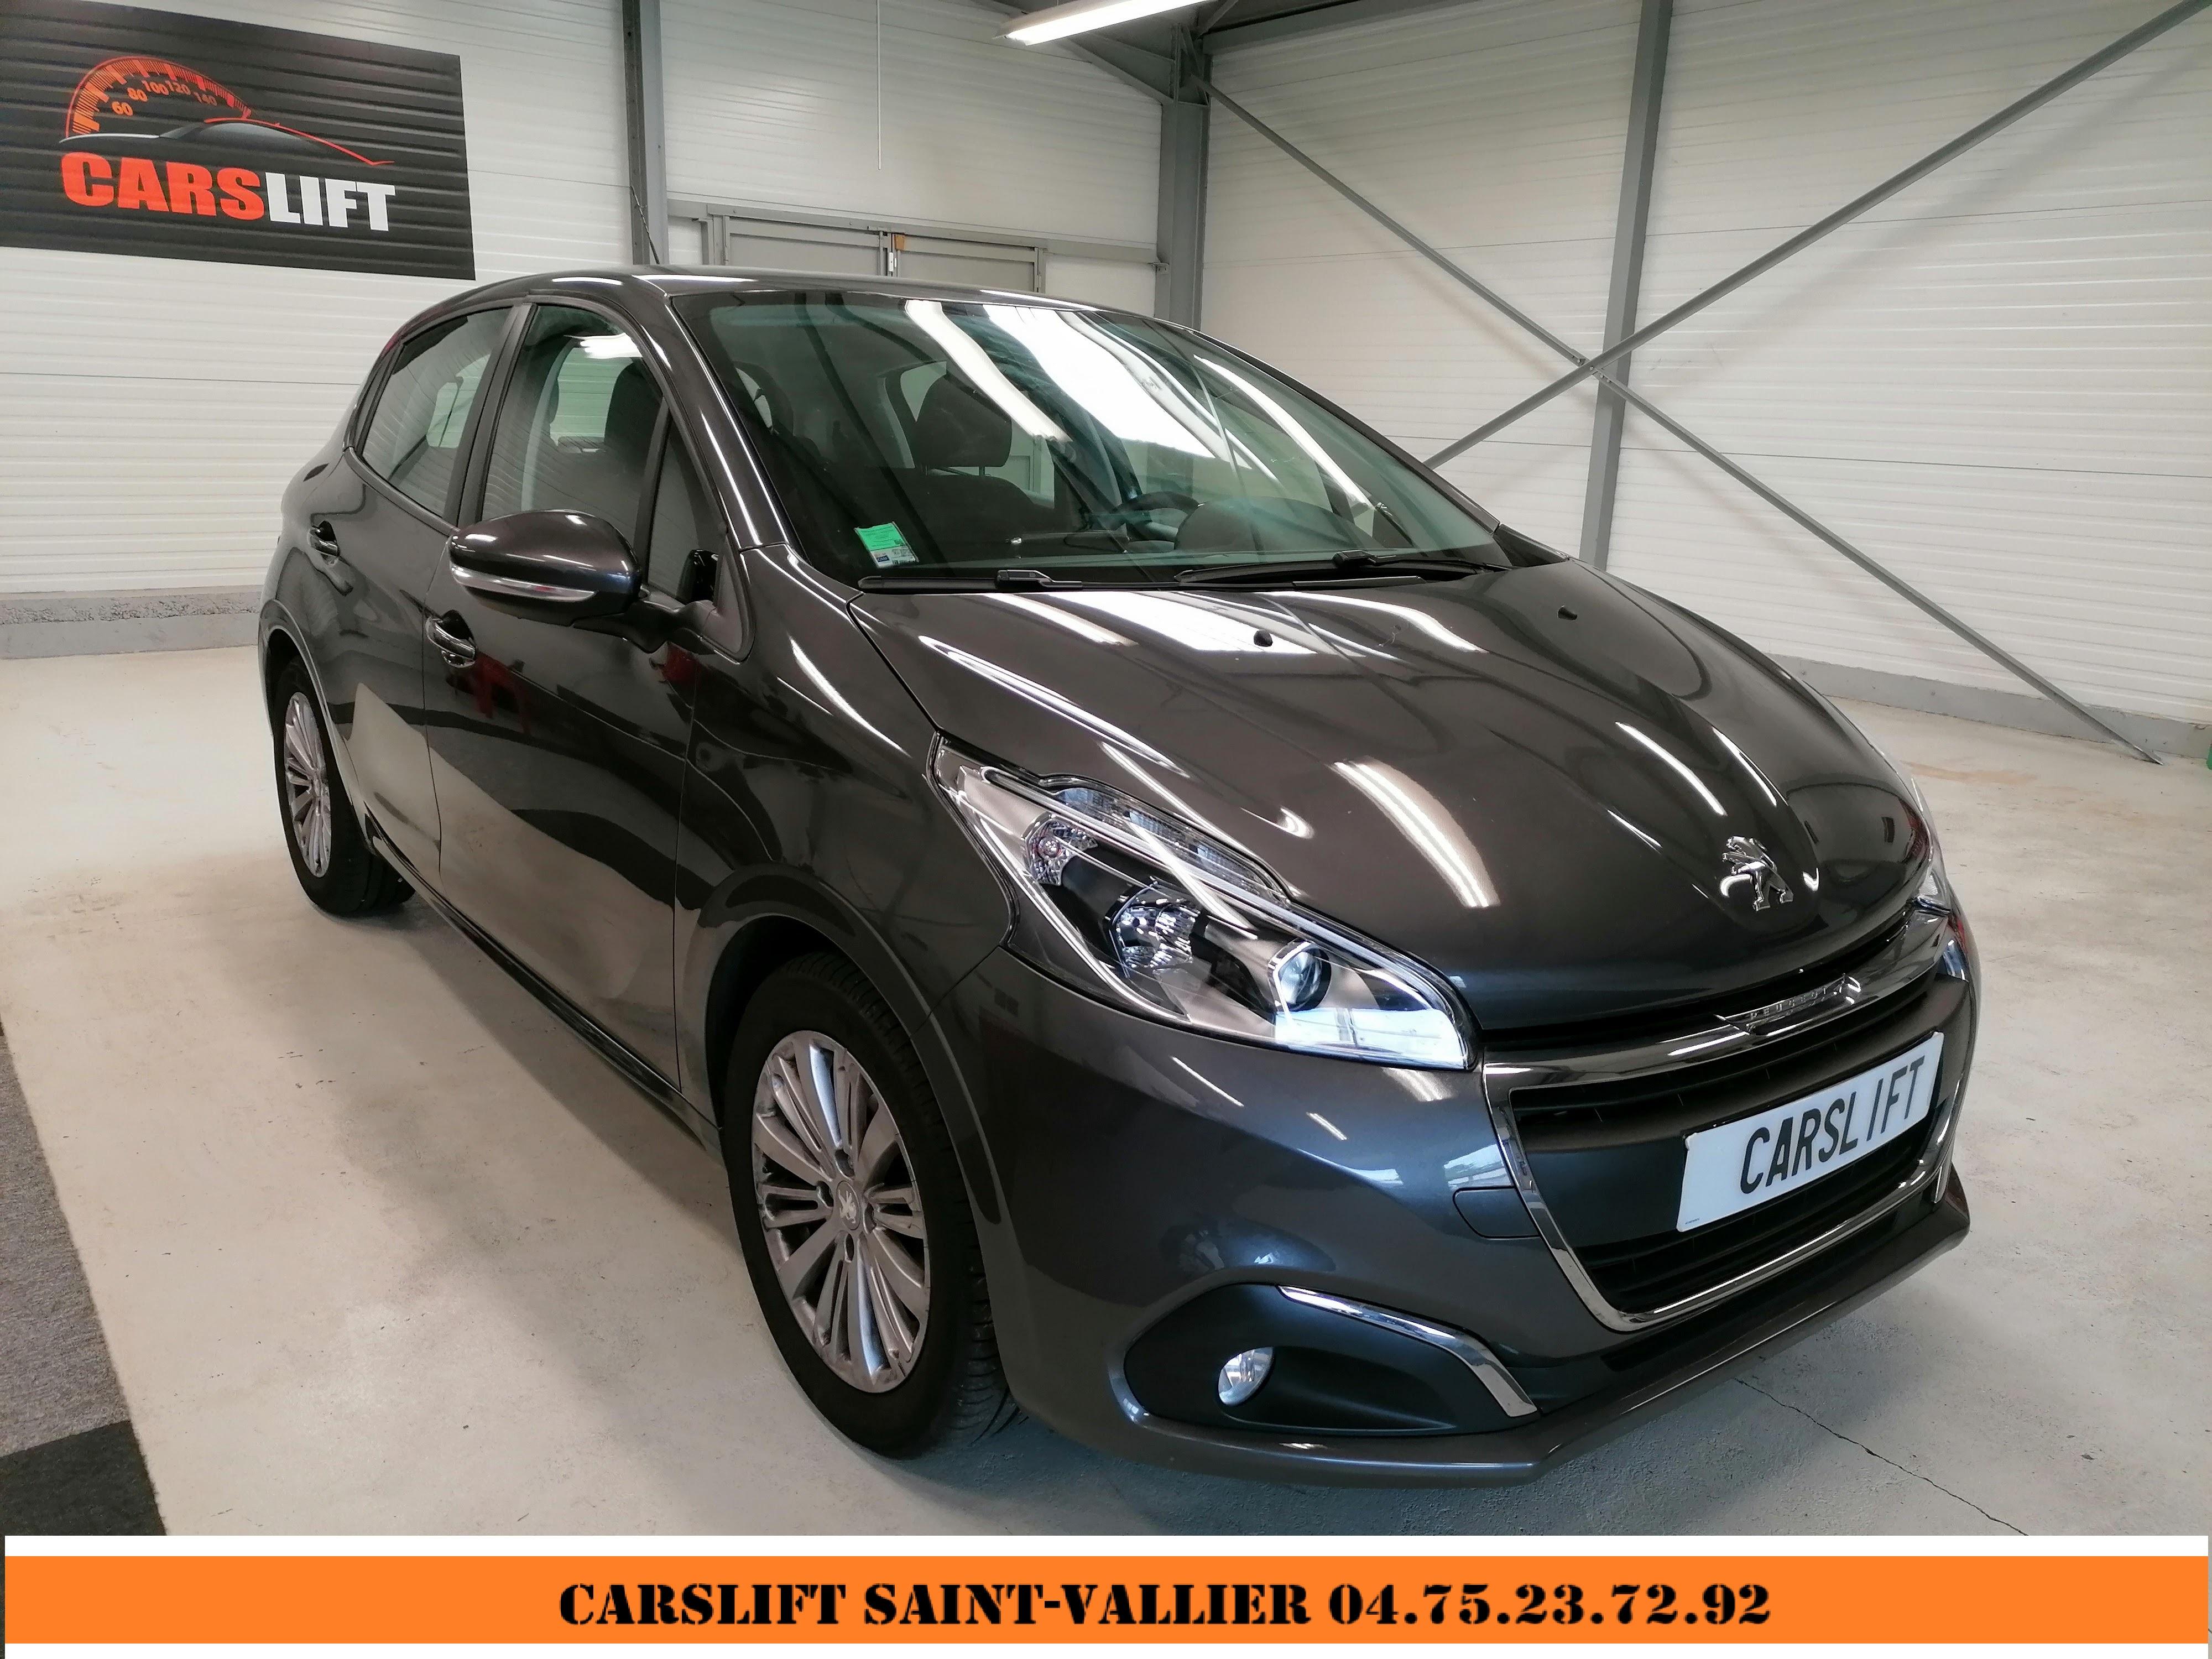 photo_Peugeot 208 1.2 PureTech 82 ch ACTIVE,